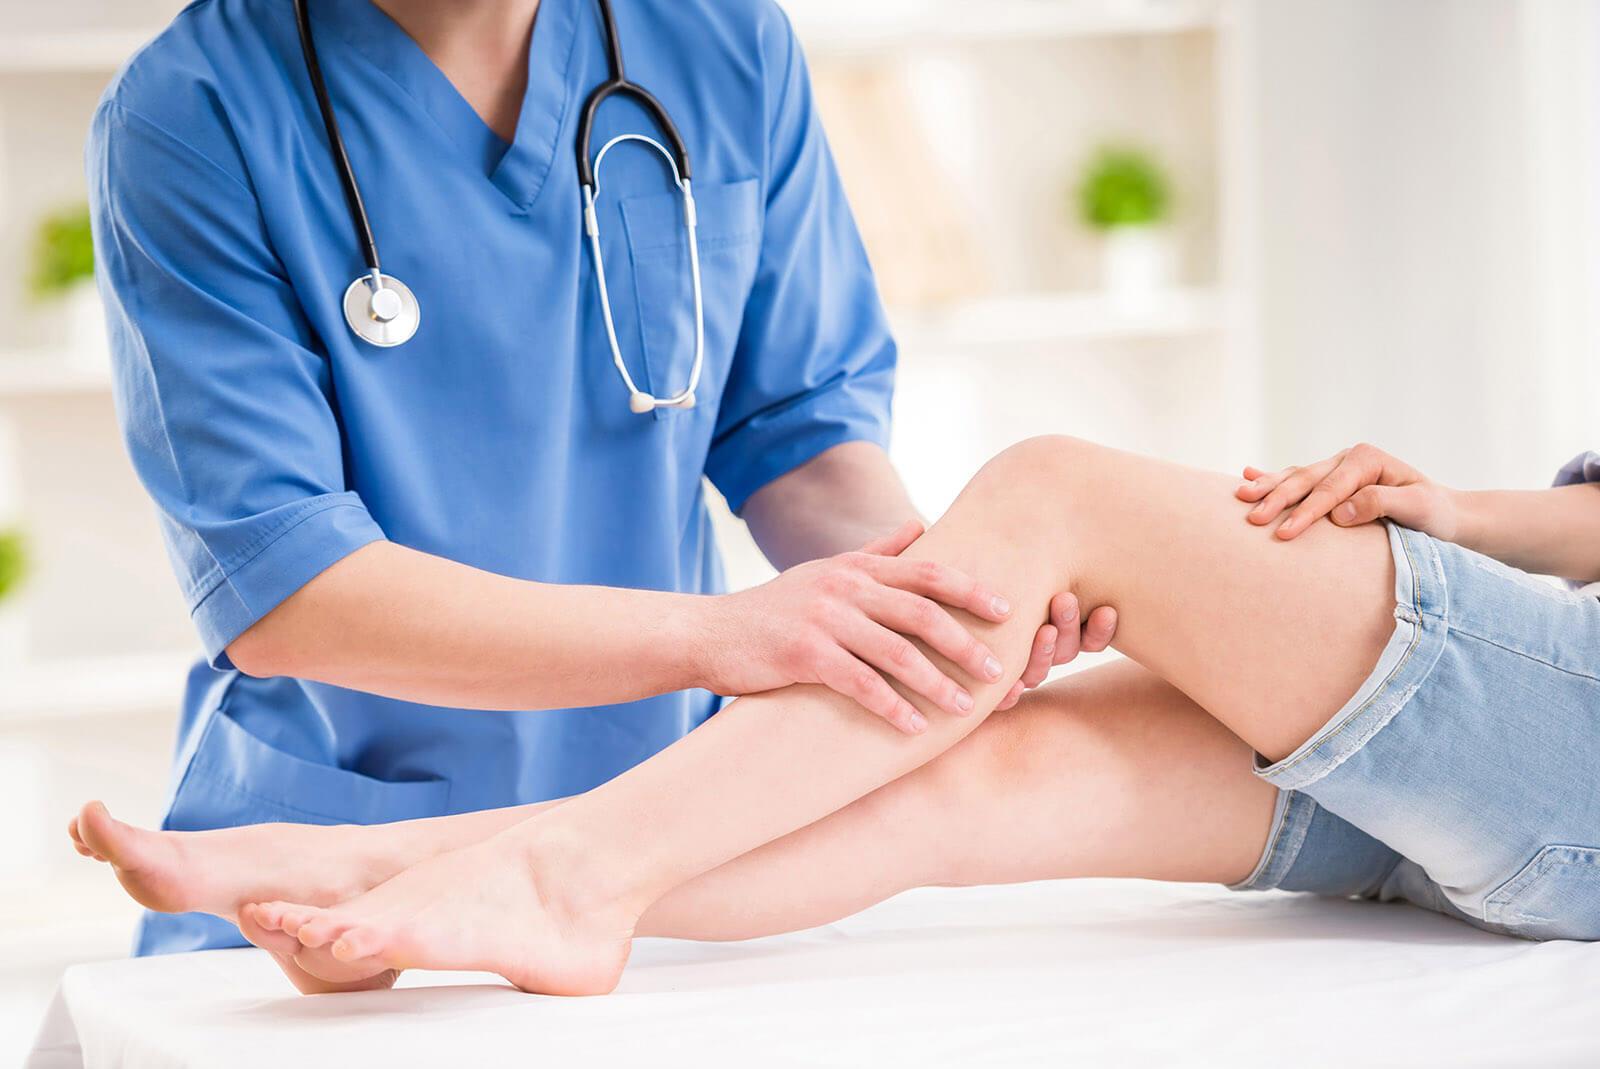 La Clinica Policlinico Casilino - Reparto di ortopedia e traumatologia